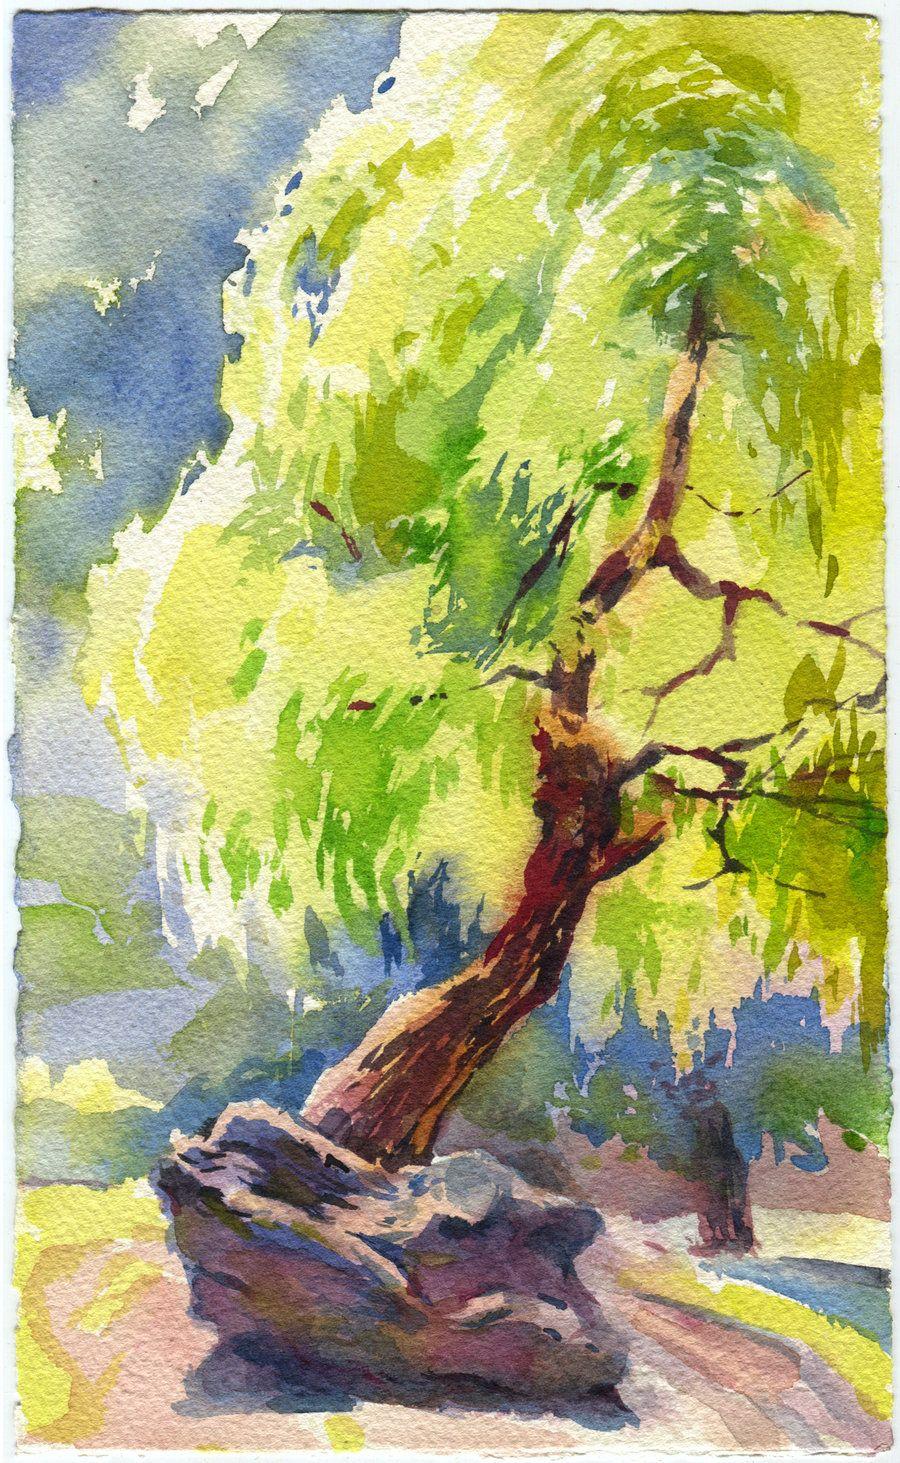 Weeping willow by OlgaSternik | painting ideas | Pinterest ...